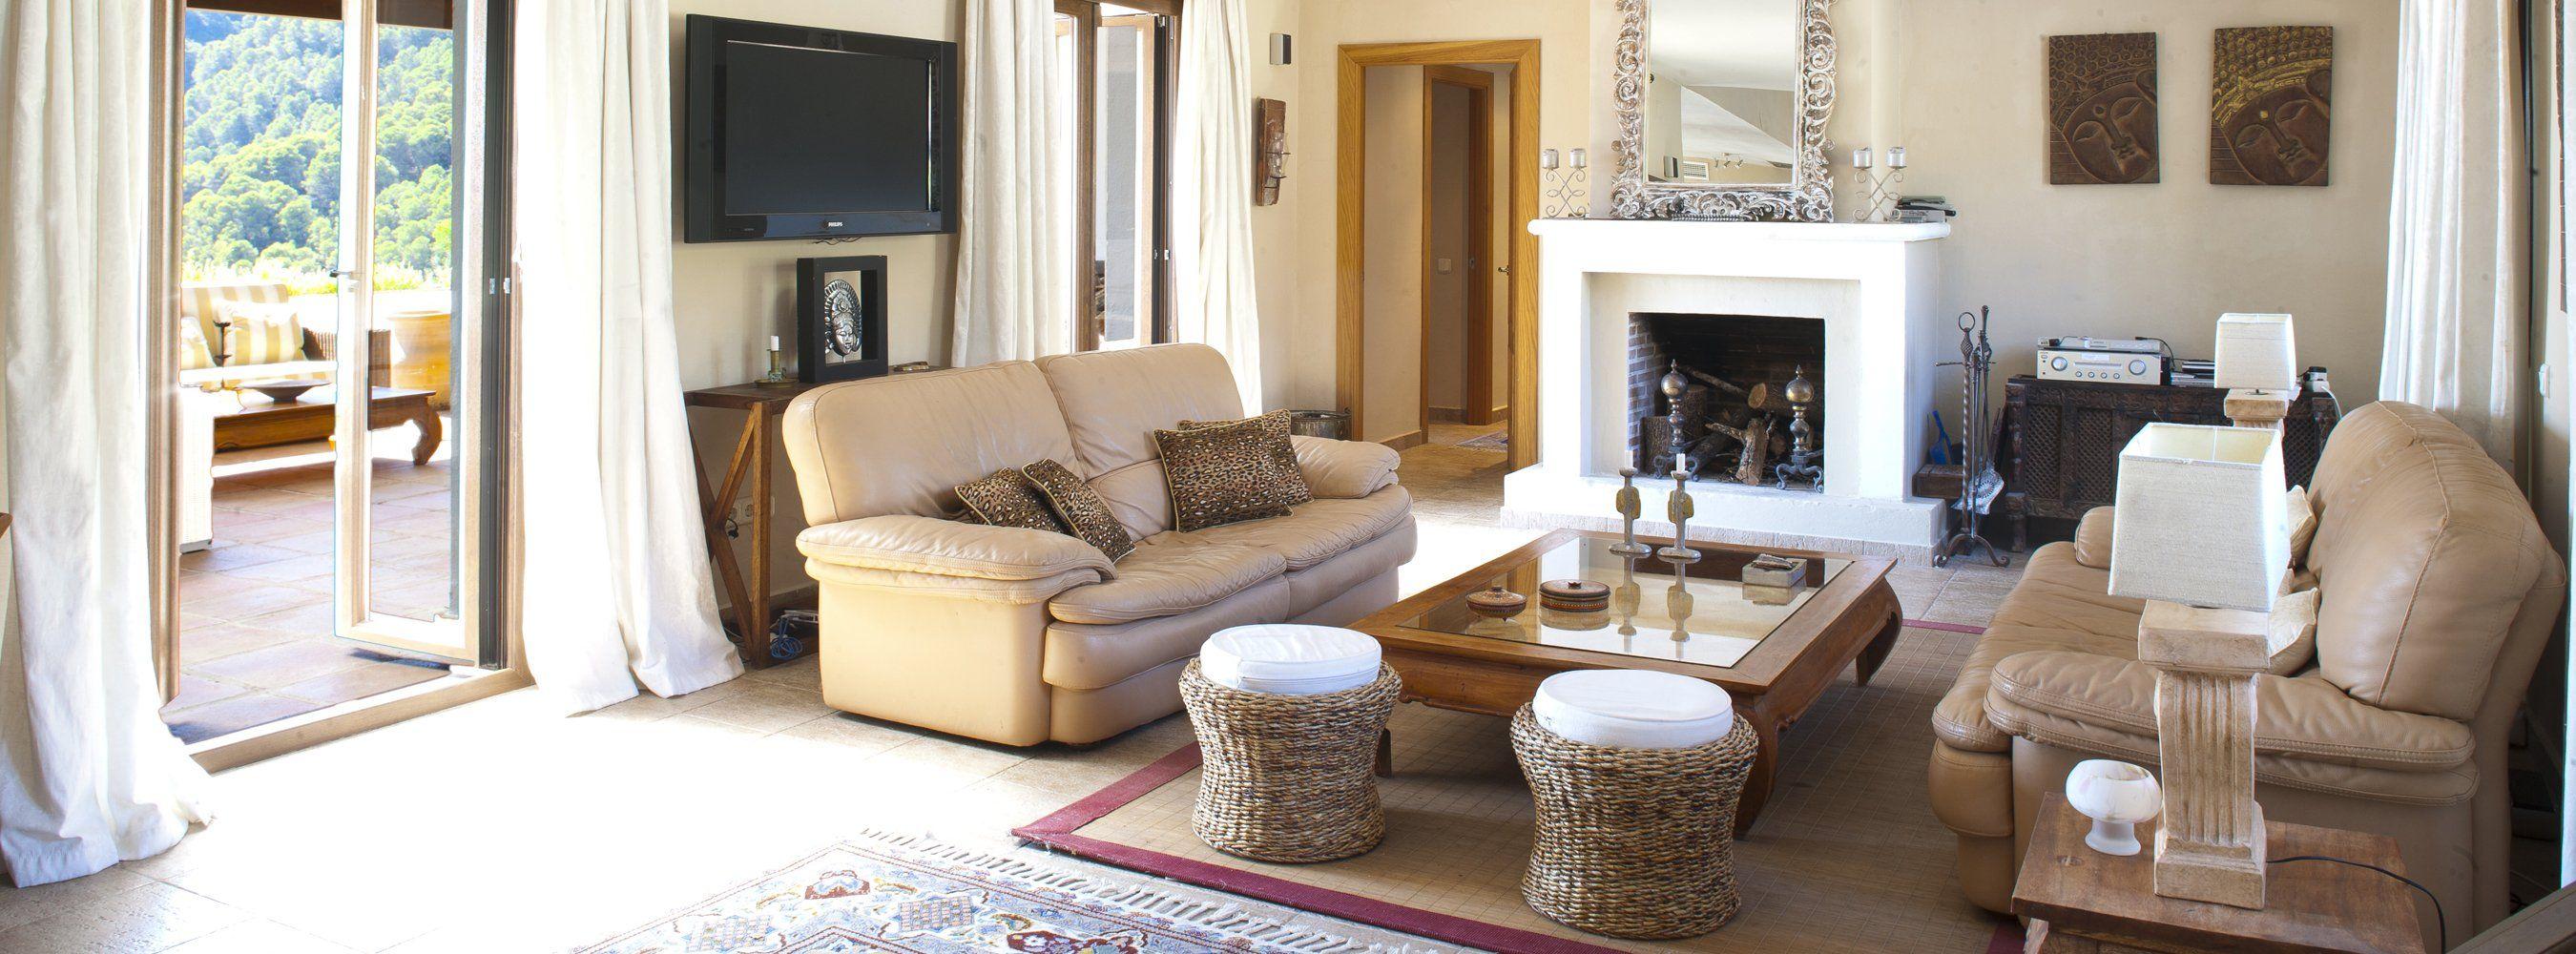 sitting room in villa